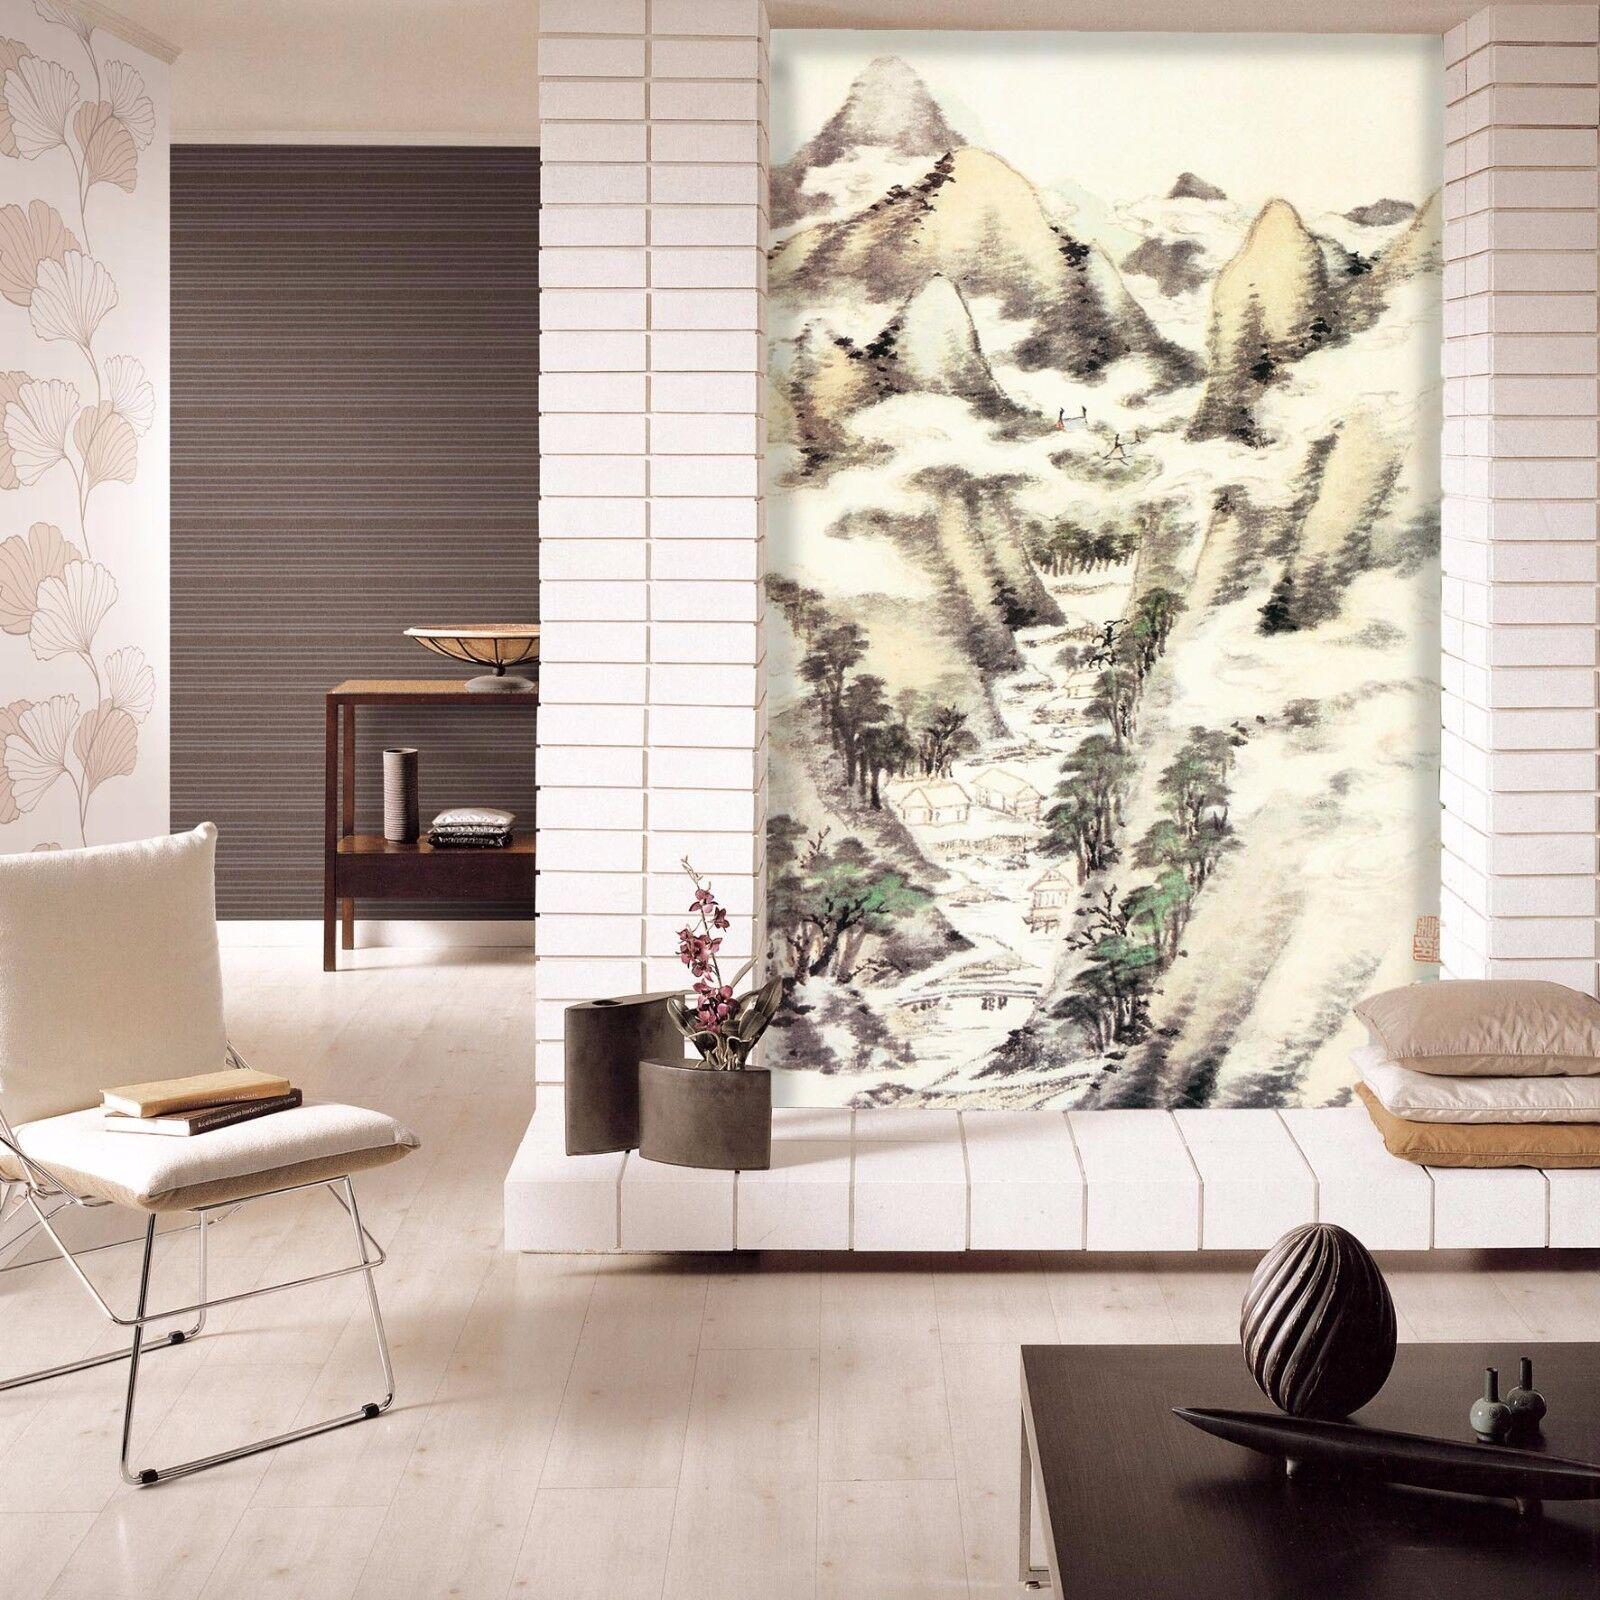 3D Mount Sketch 431 Wallpaper Murals Wall Print Wall Mural AJ WALLPAPER UK Lemon